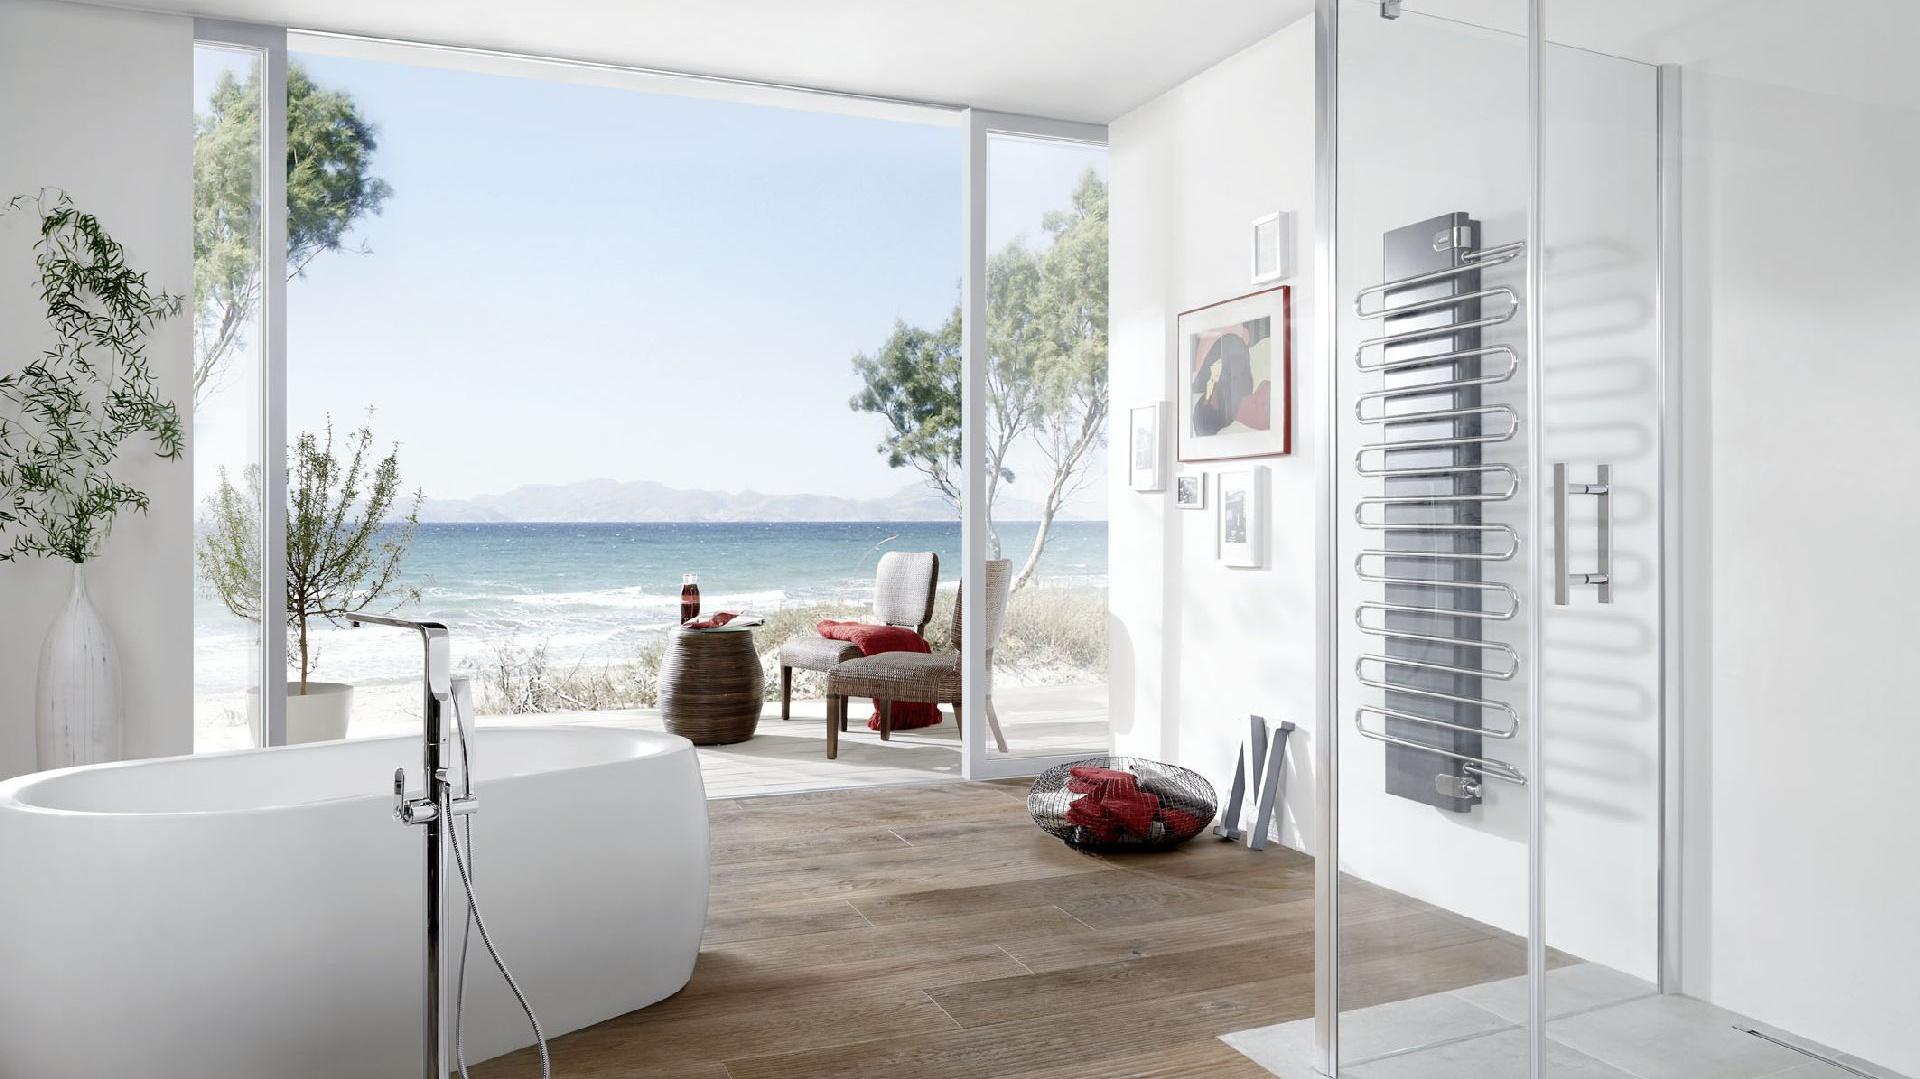 Odwodnienie prysznicowe Advantix Vario z rusztem ze stali nierdzewnej (komplet), fot. Viega.